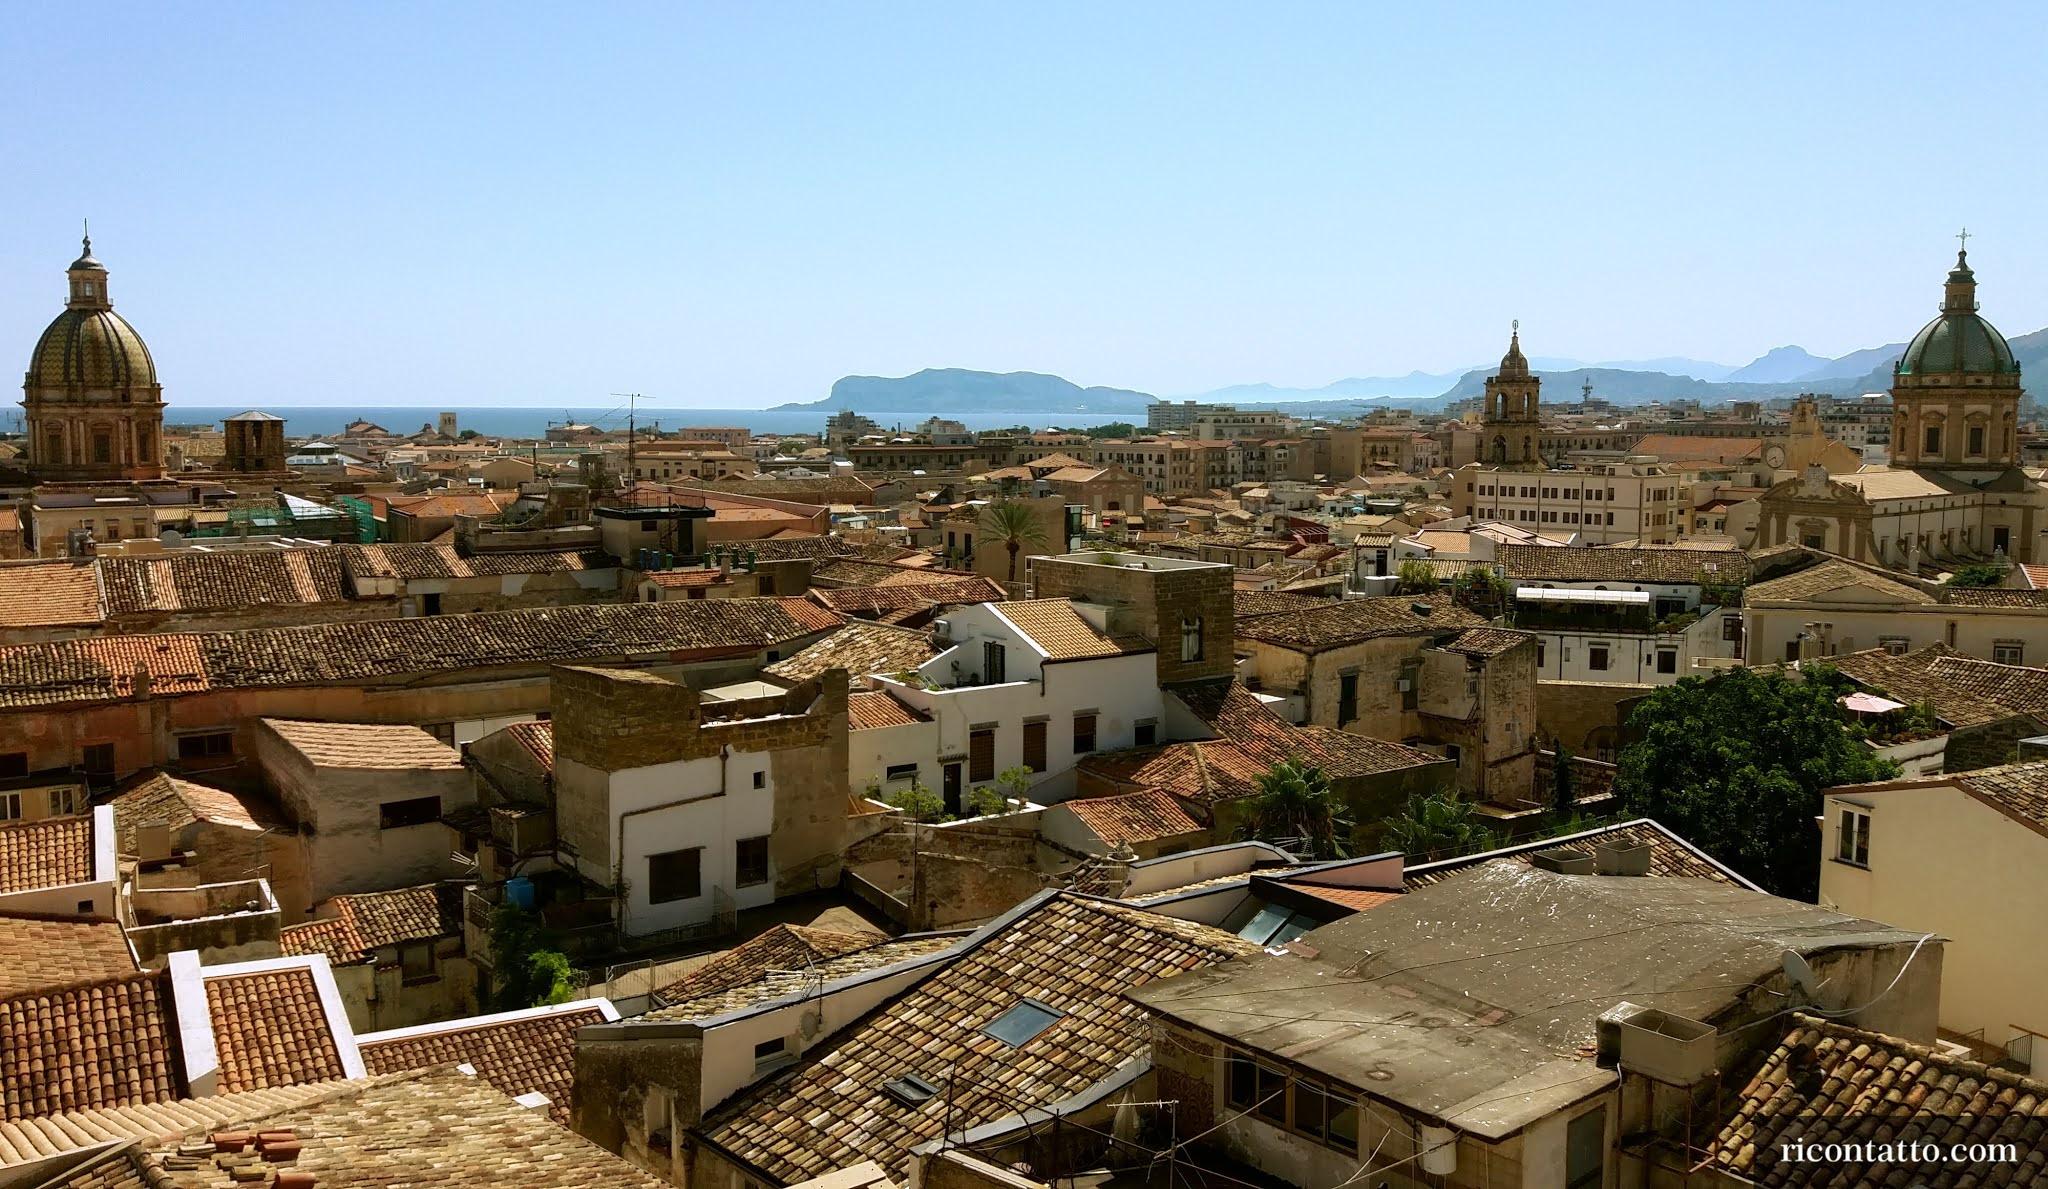 Palermo, Sicilia, Italy - Photo #01 by Ricontatto.com